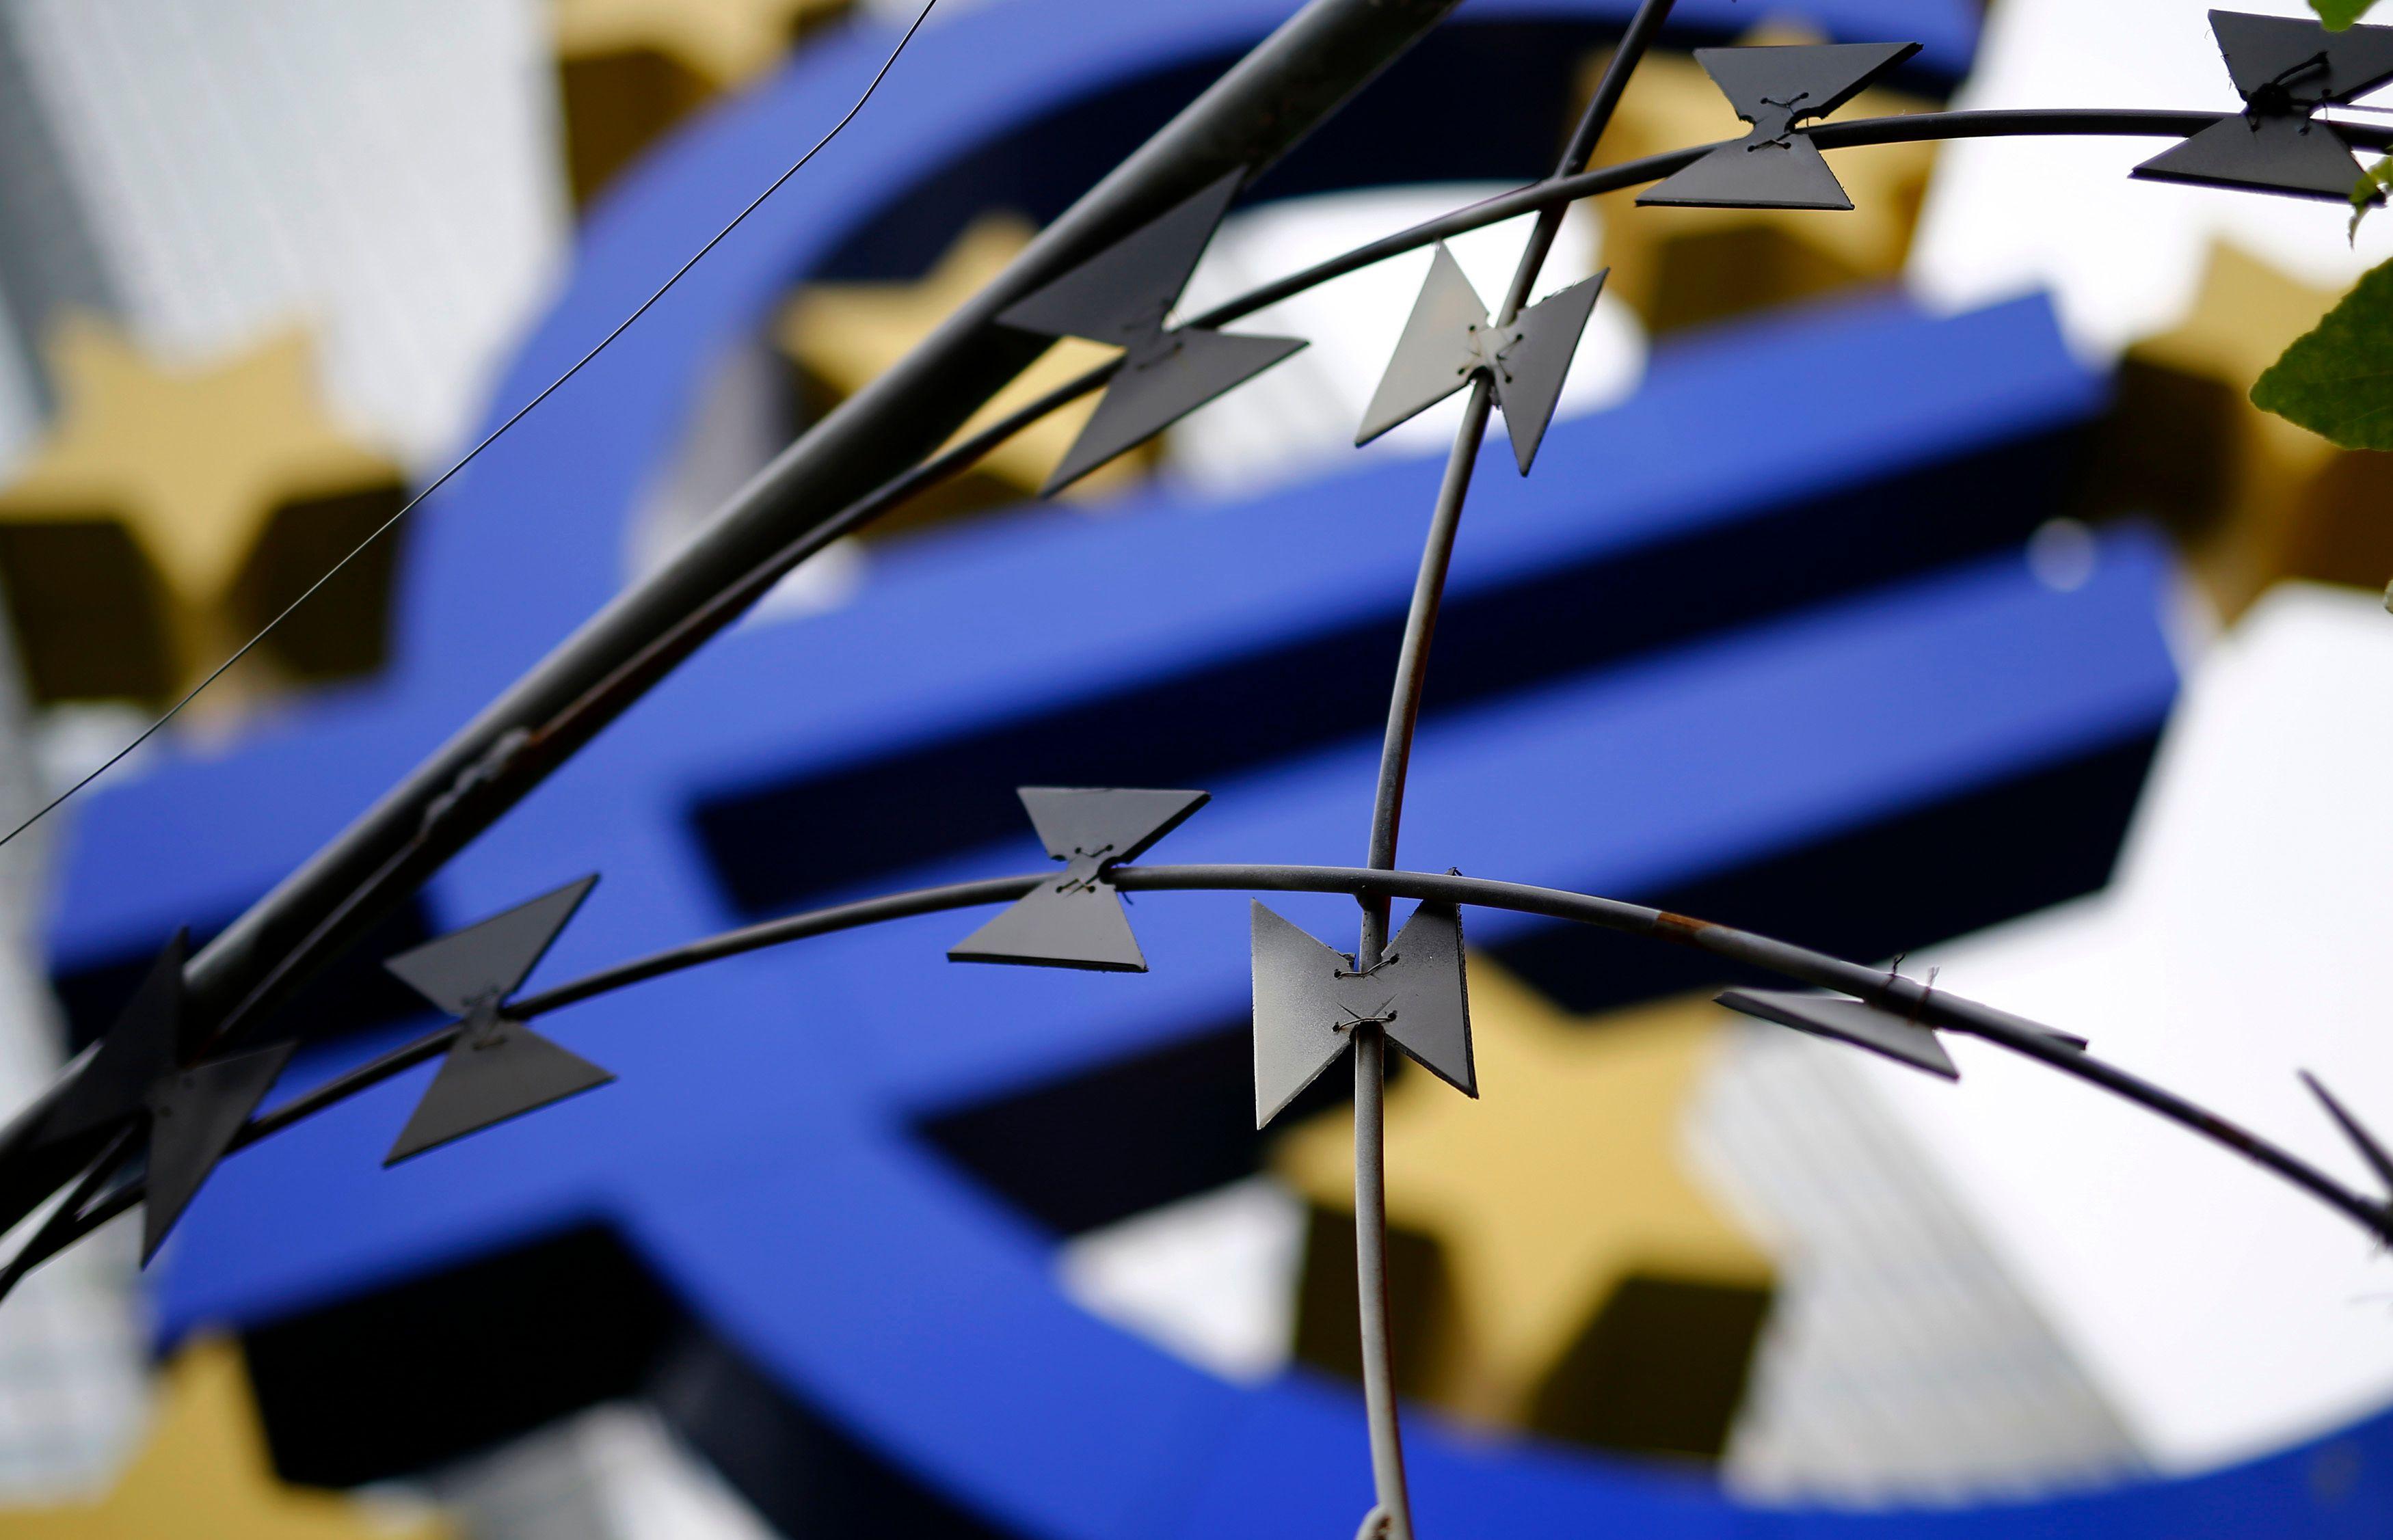 Le sursaut de la demande intérieure française est la conséquence de la politique de la BCE et non celle de François Hollande.